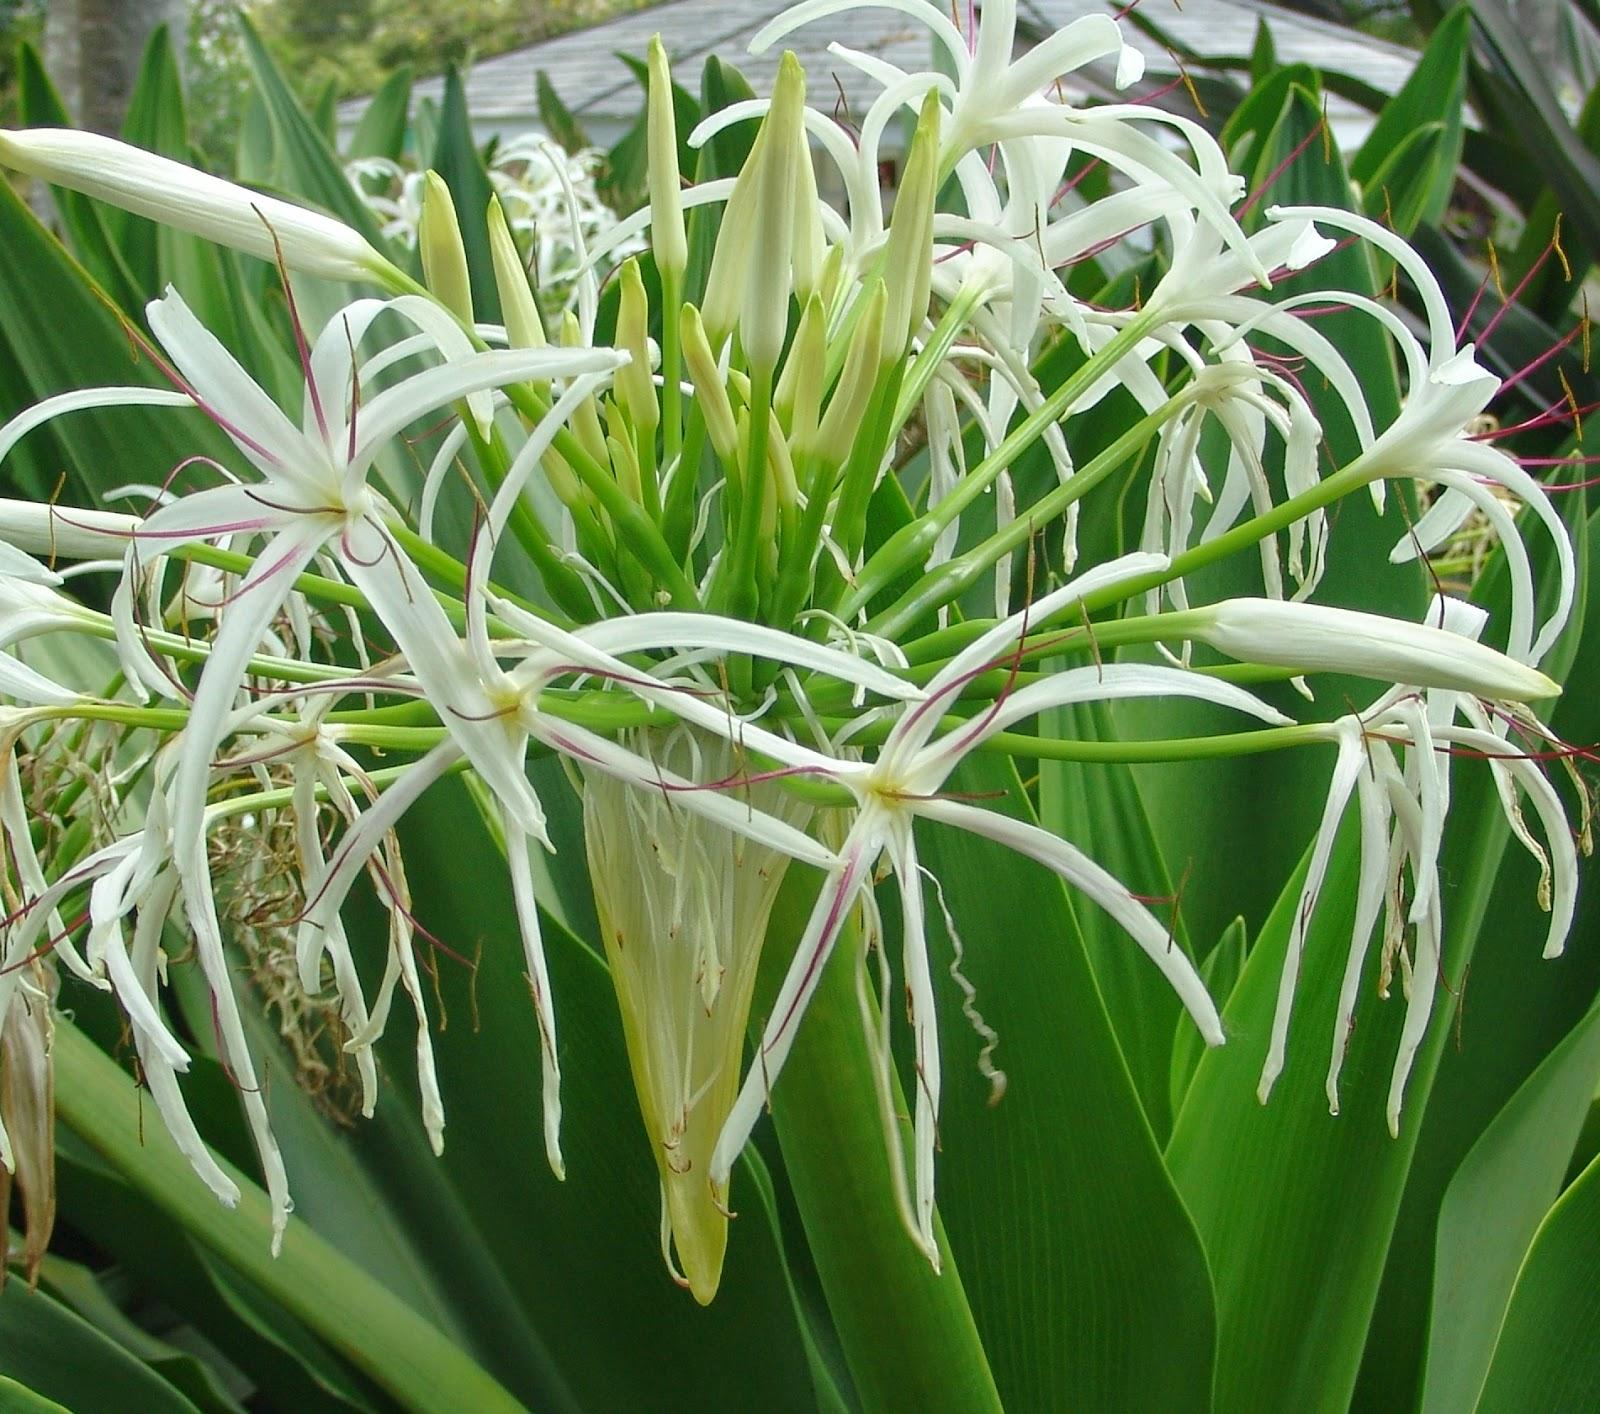 Tanaman Herbal Manfaat Dan Khasiat Bunga Bakung Crynum Asiaticum L